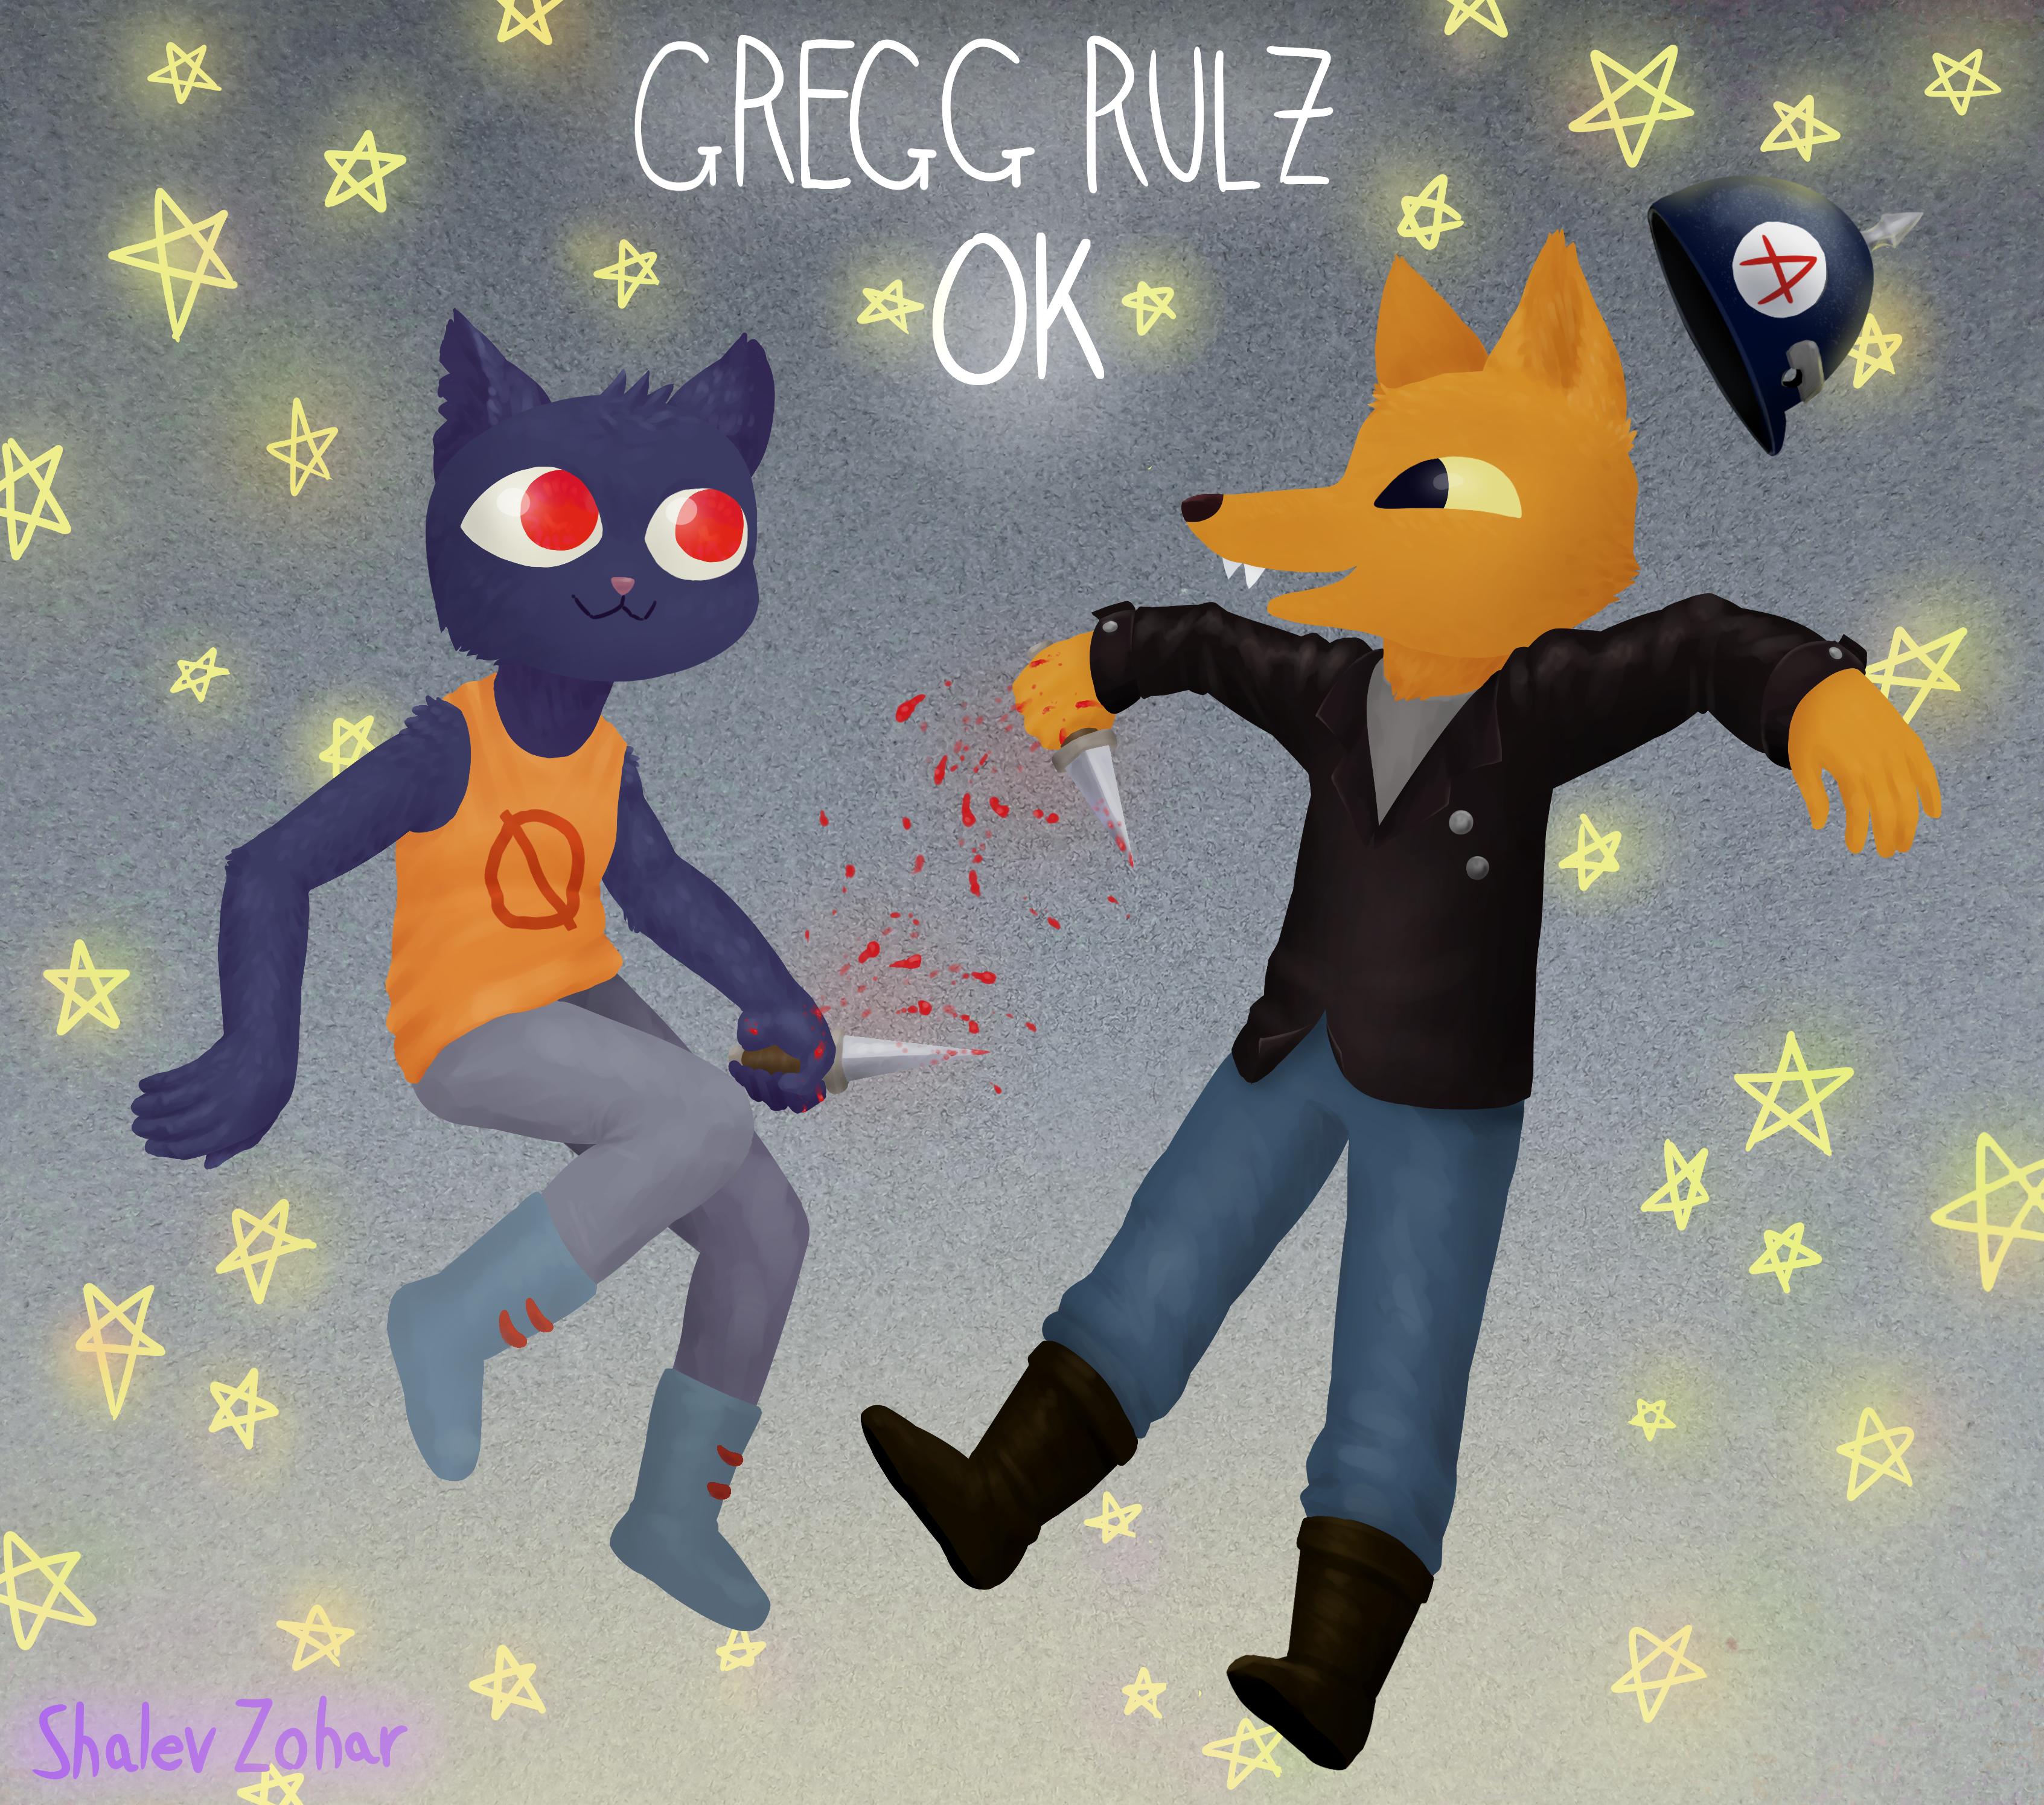 Gregg Rulz